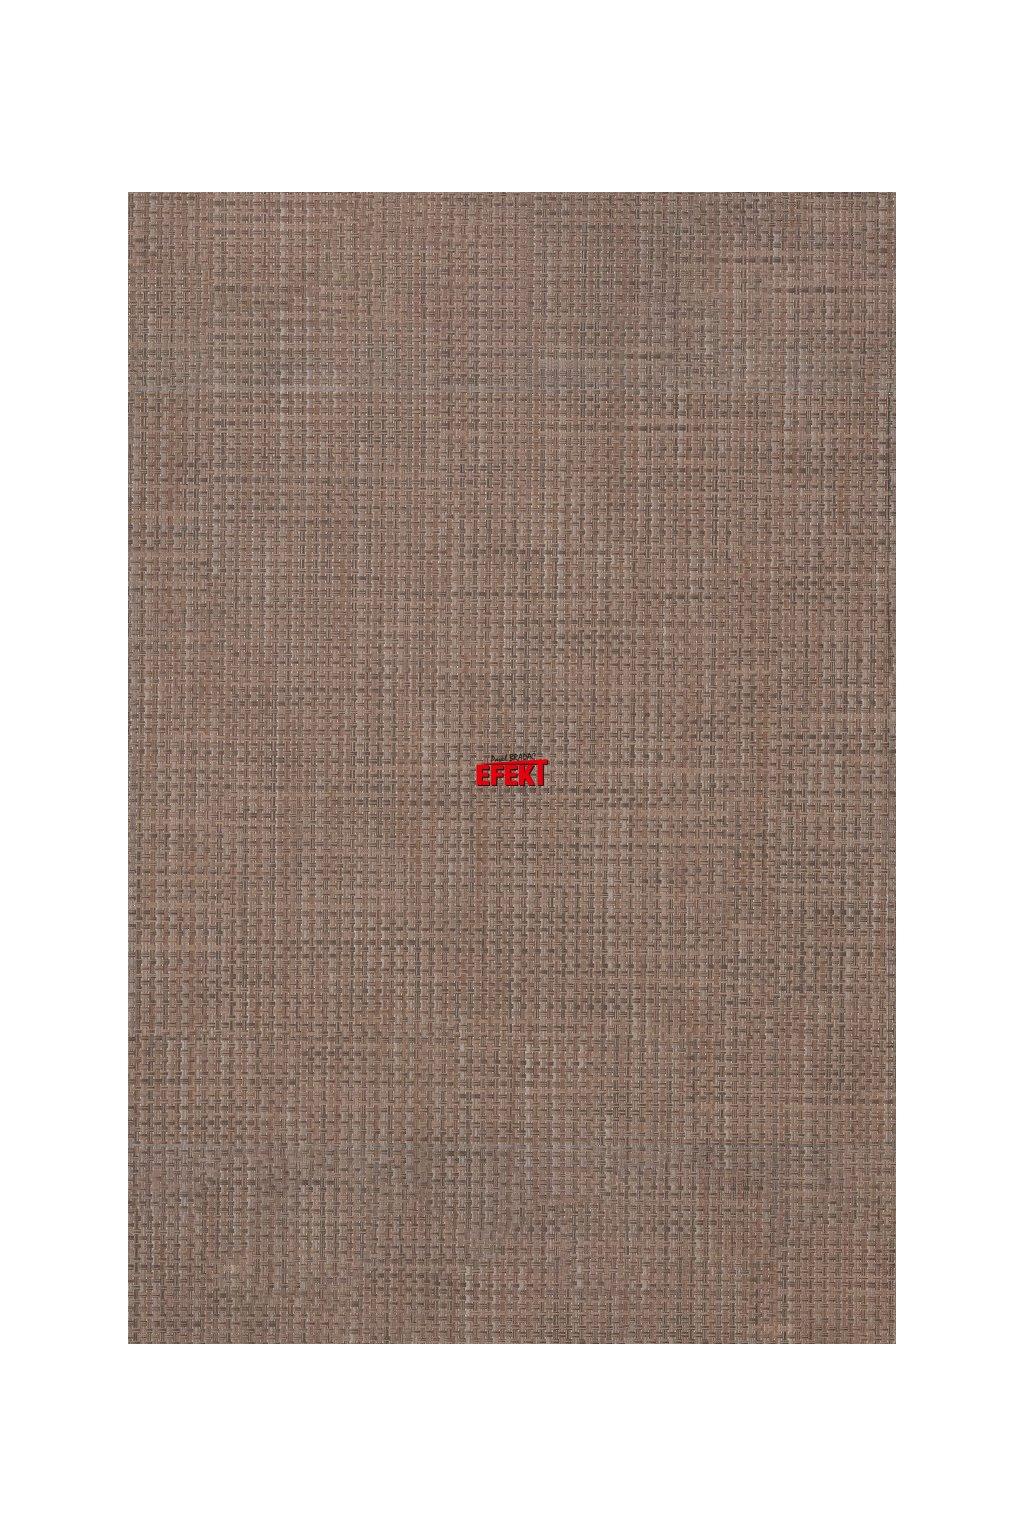 Gerflor Home Comfort Tweed Brown 1634